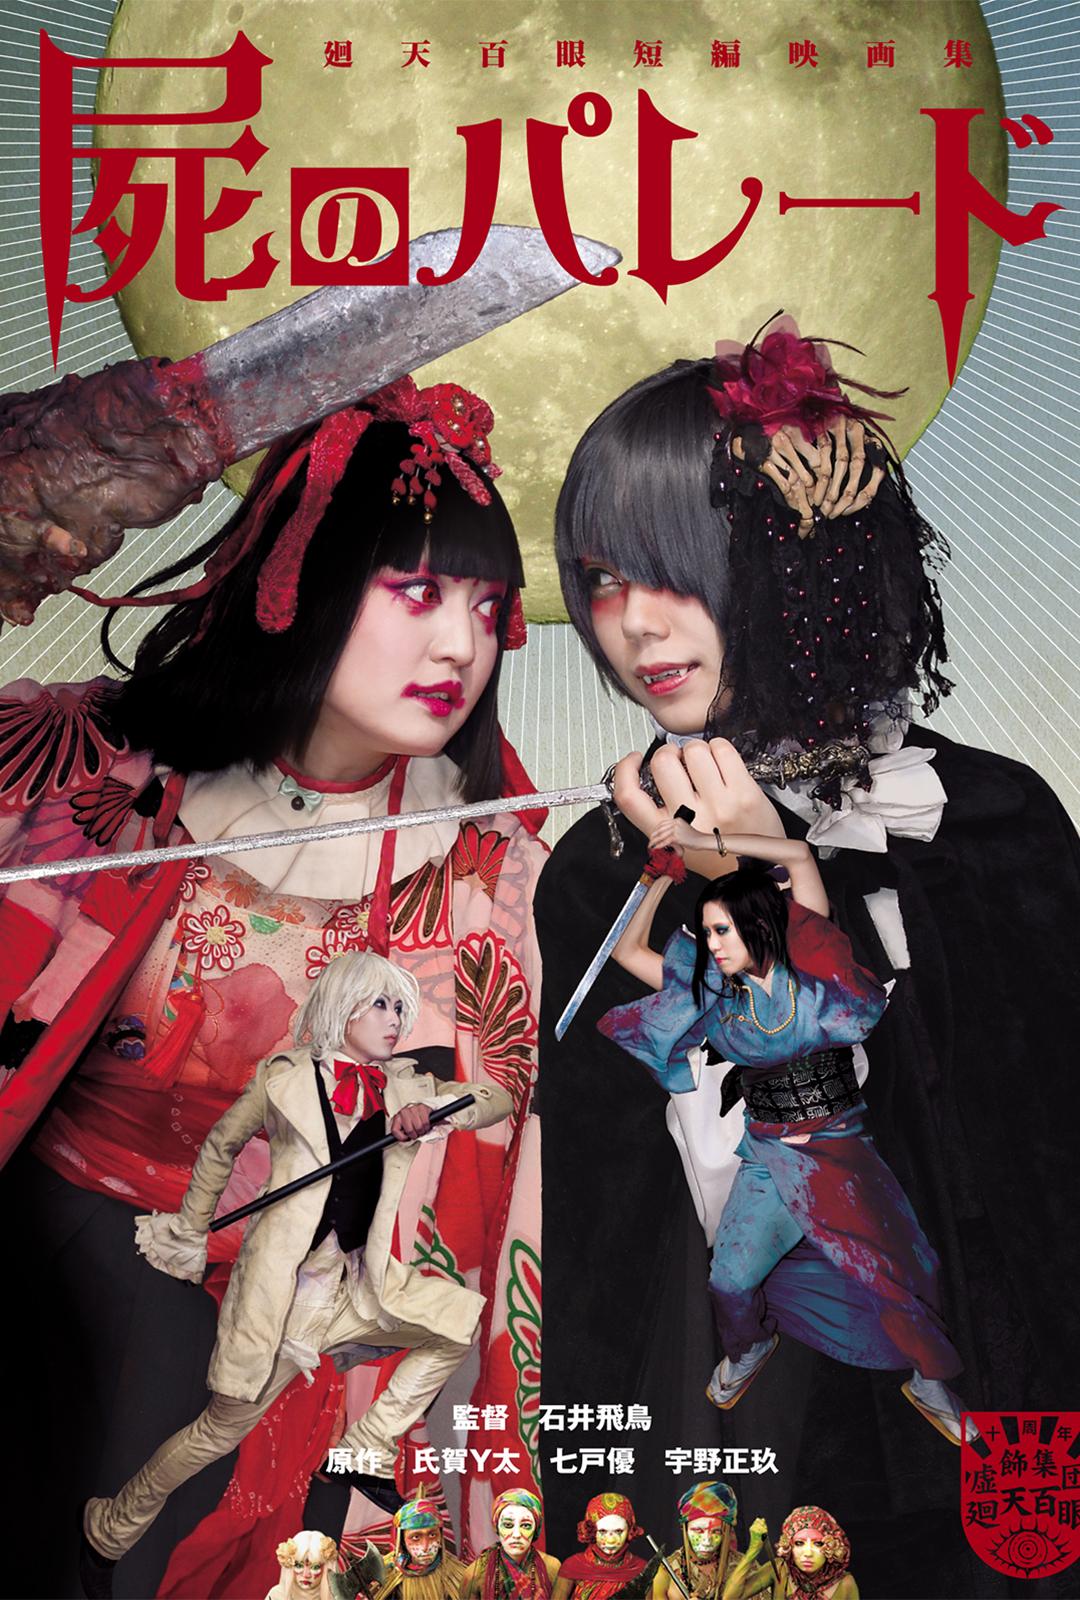 【廻天百眼】短編映画集「屍のパレード」DVD画像